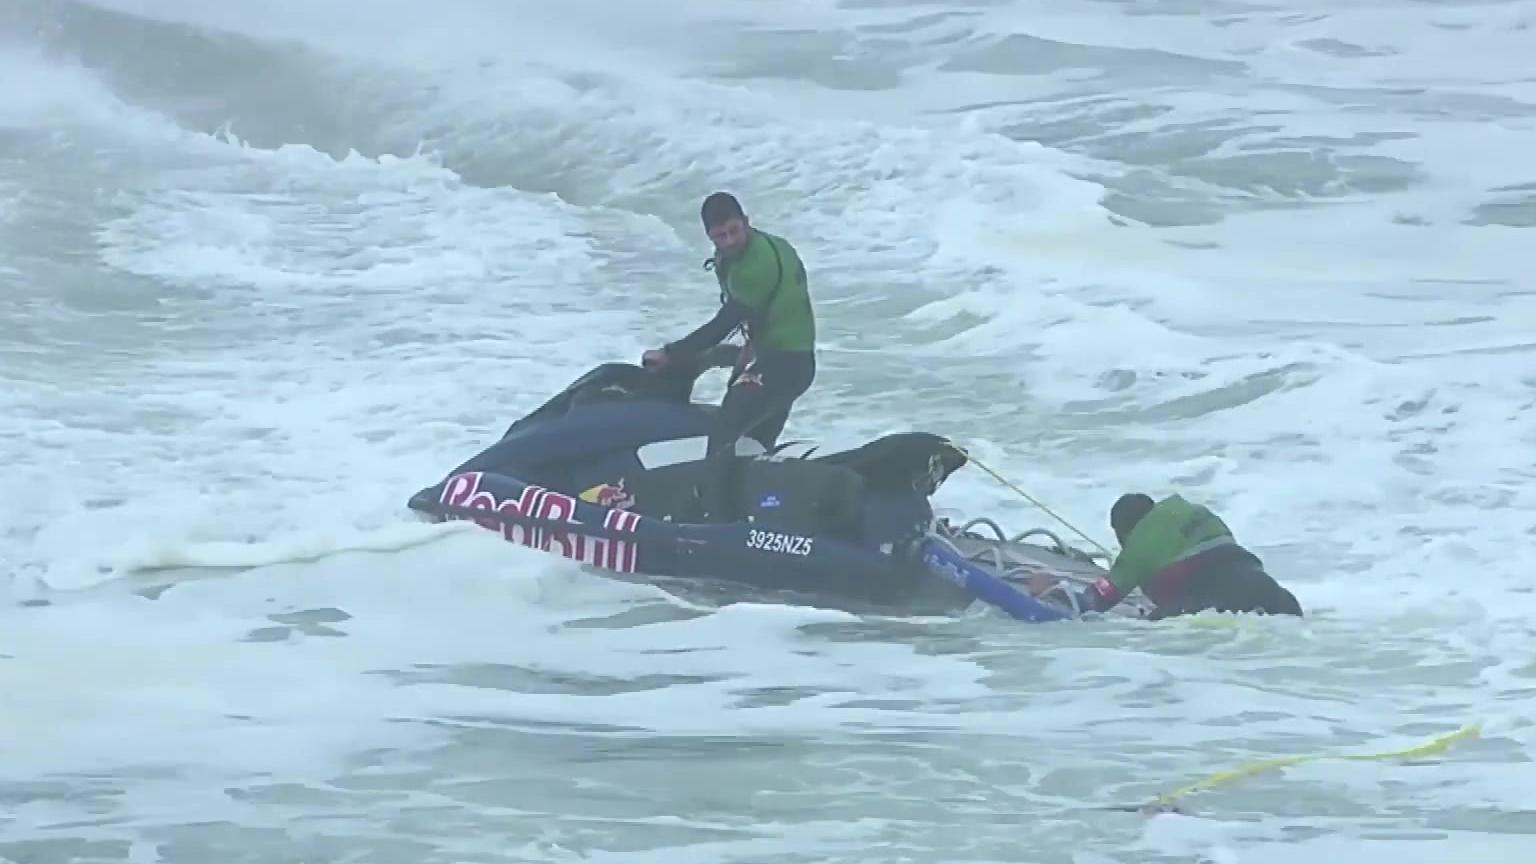 冲浪爱好者在巨浪中挑战自我